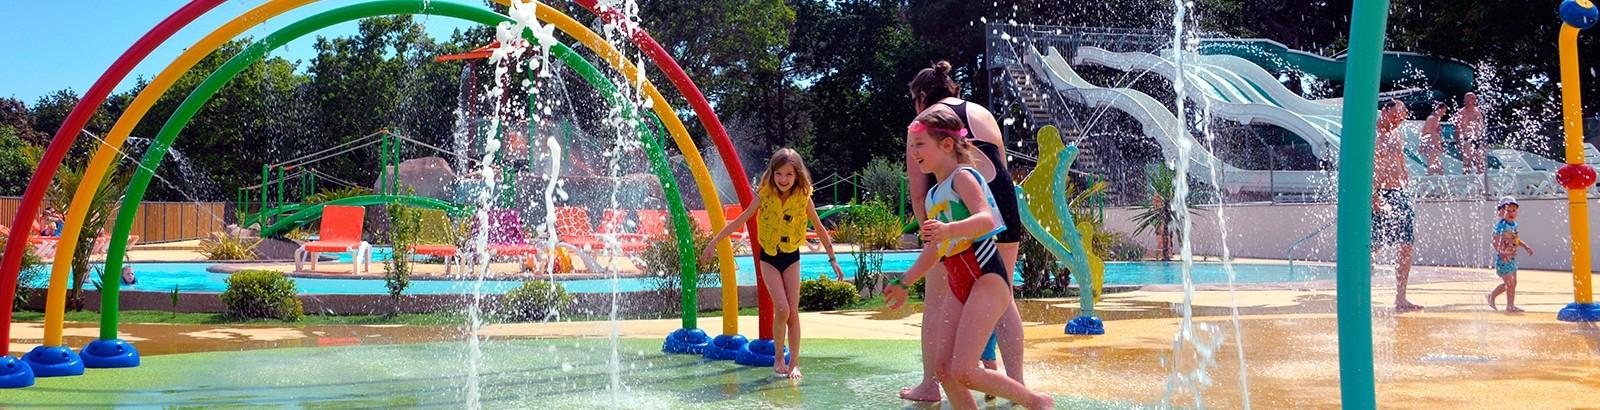 Parc aqualudique pour le plus grand bonheur des enfants!